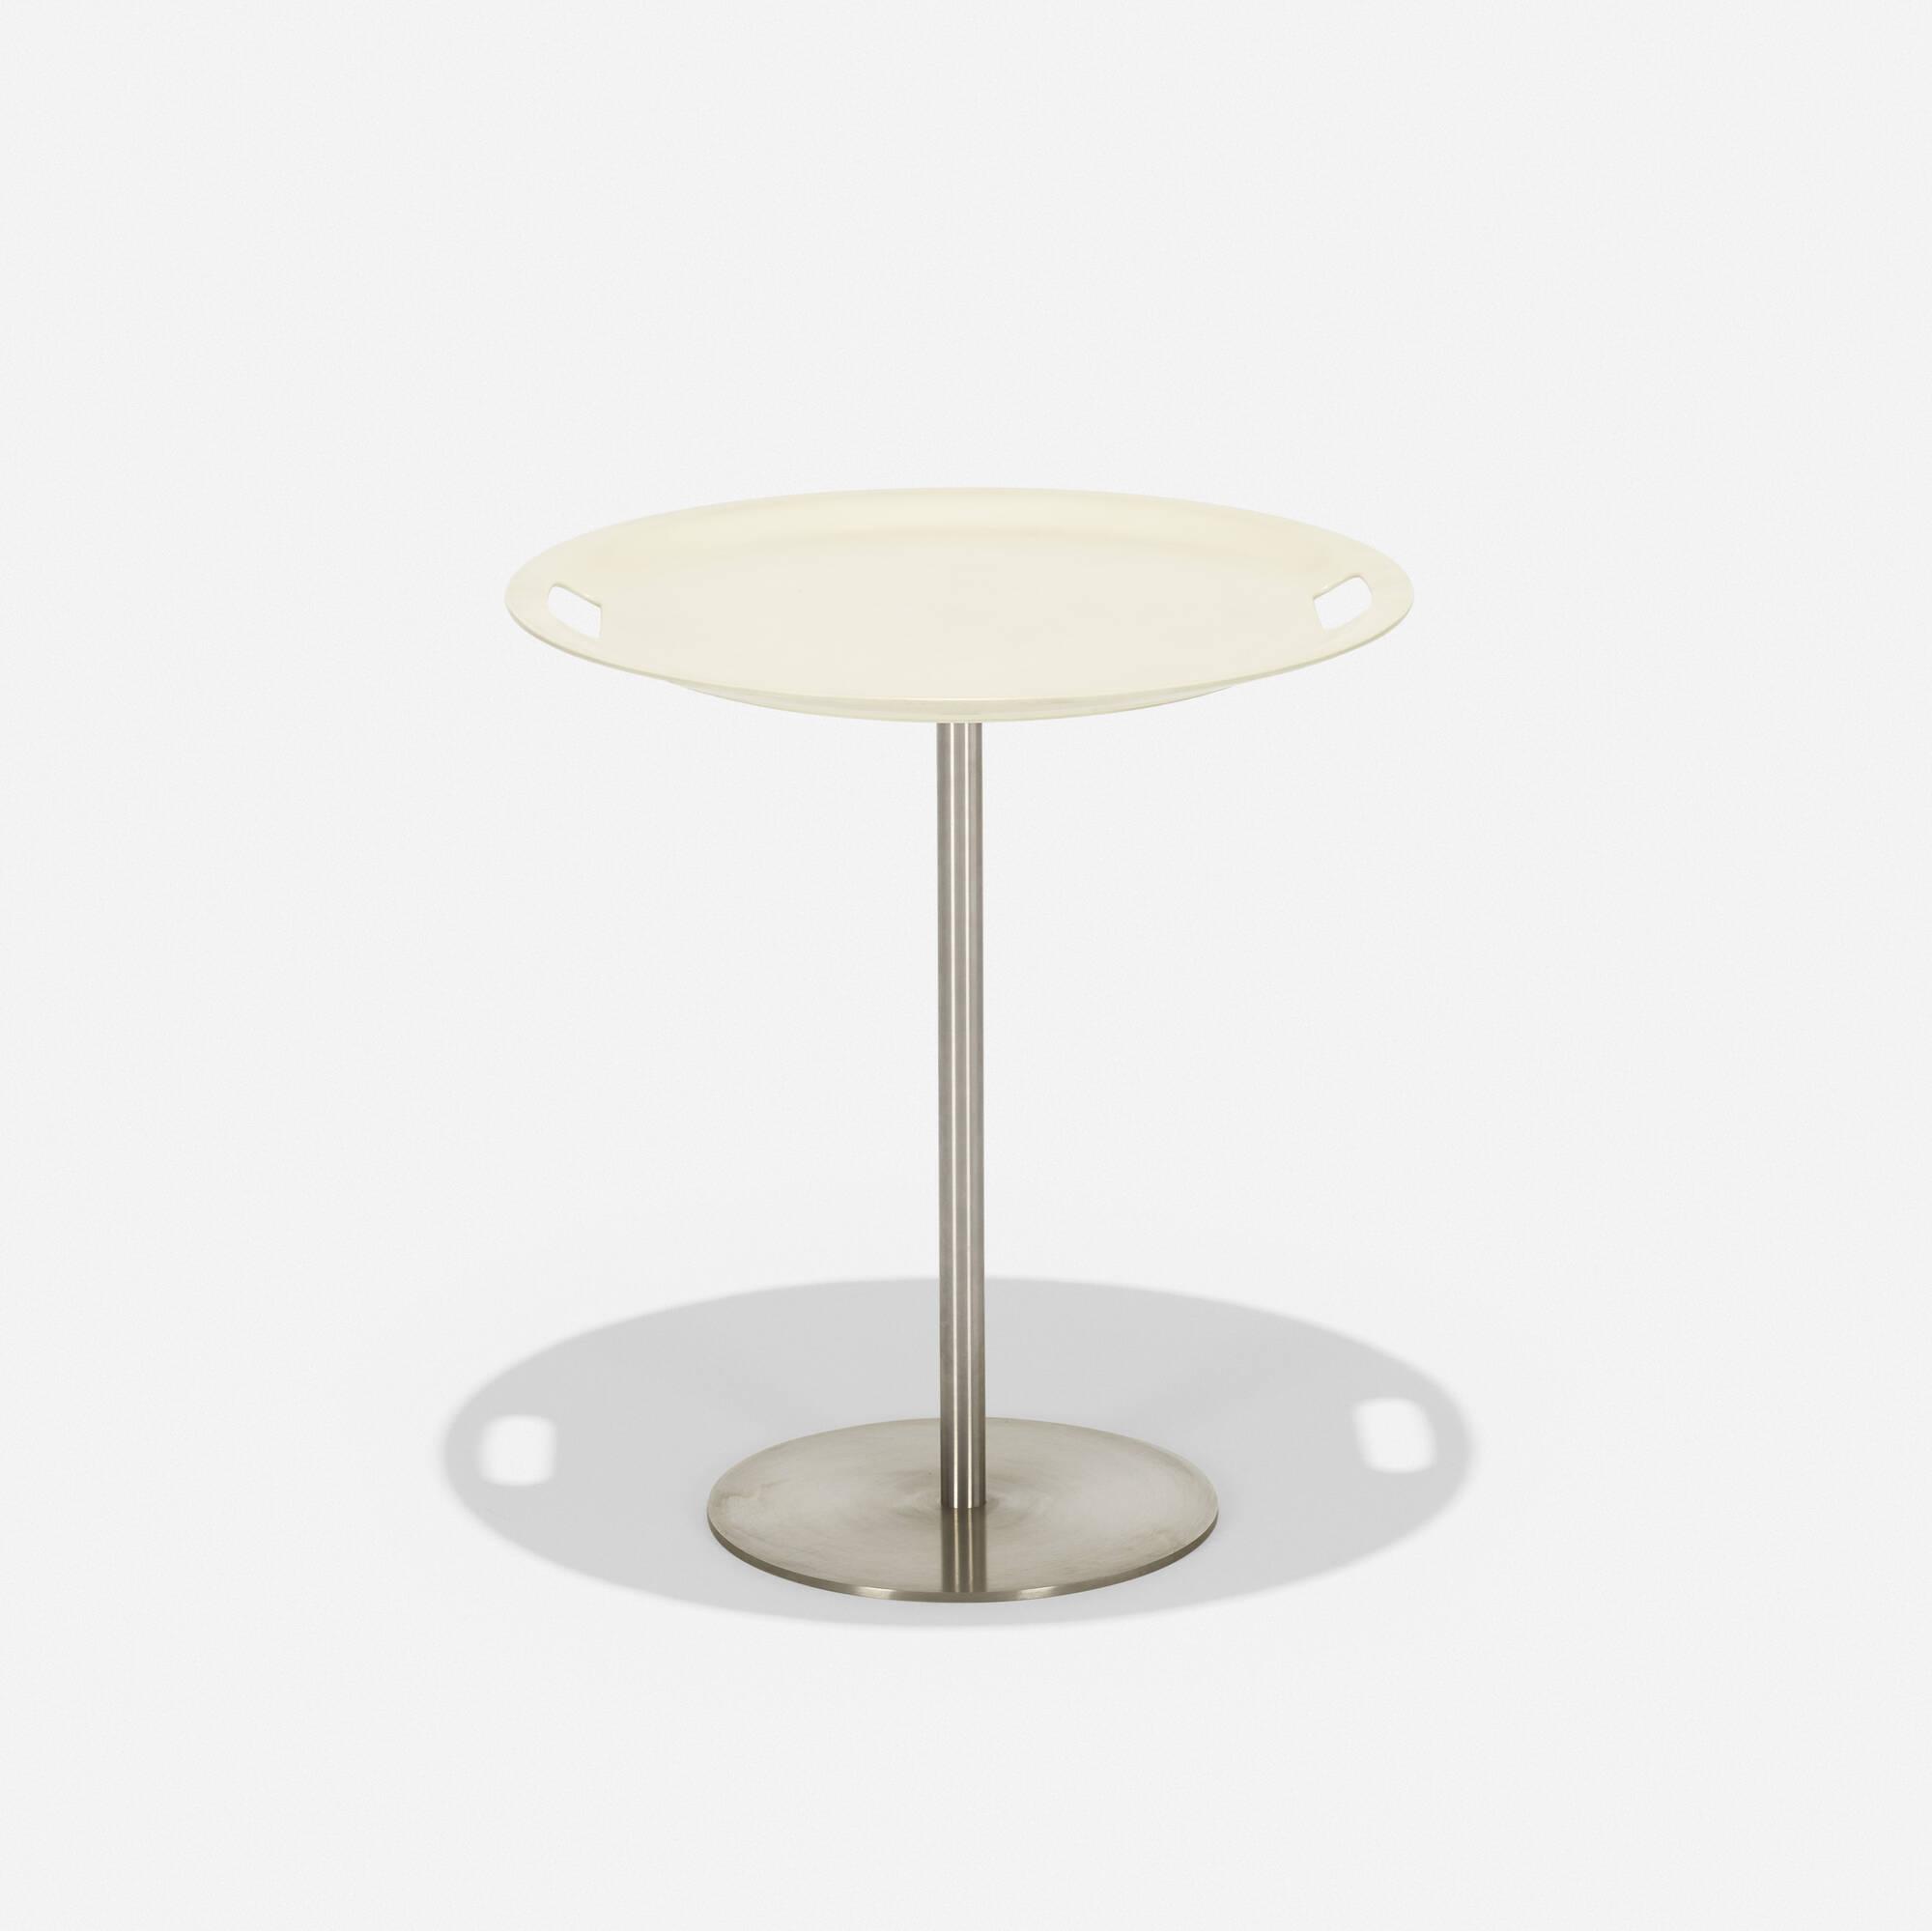 117: Jasper Morrison / Op-La tray table (1 of 3)